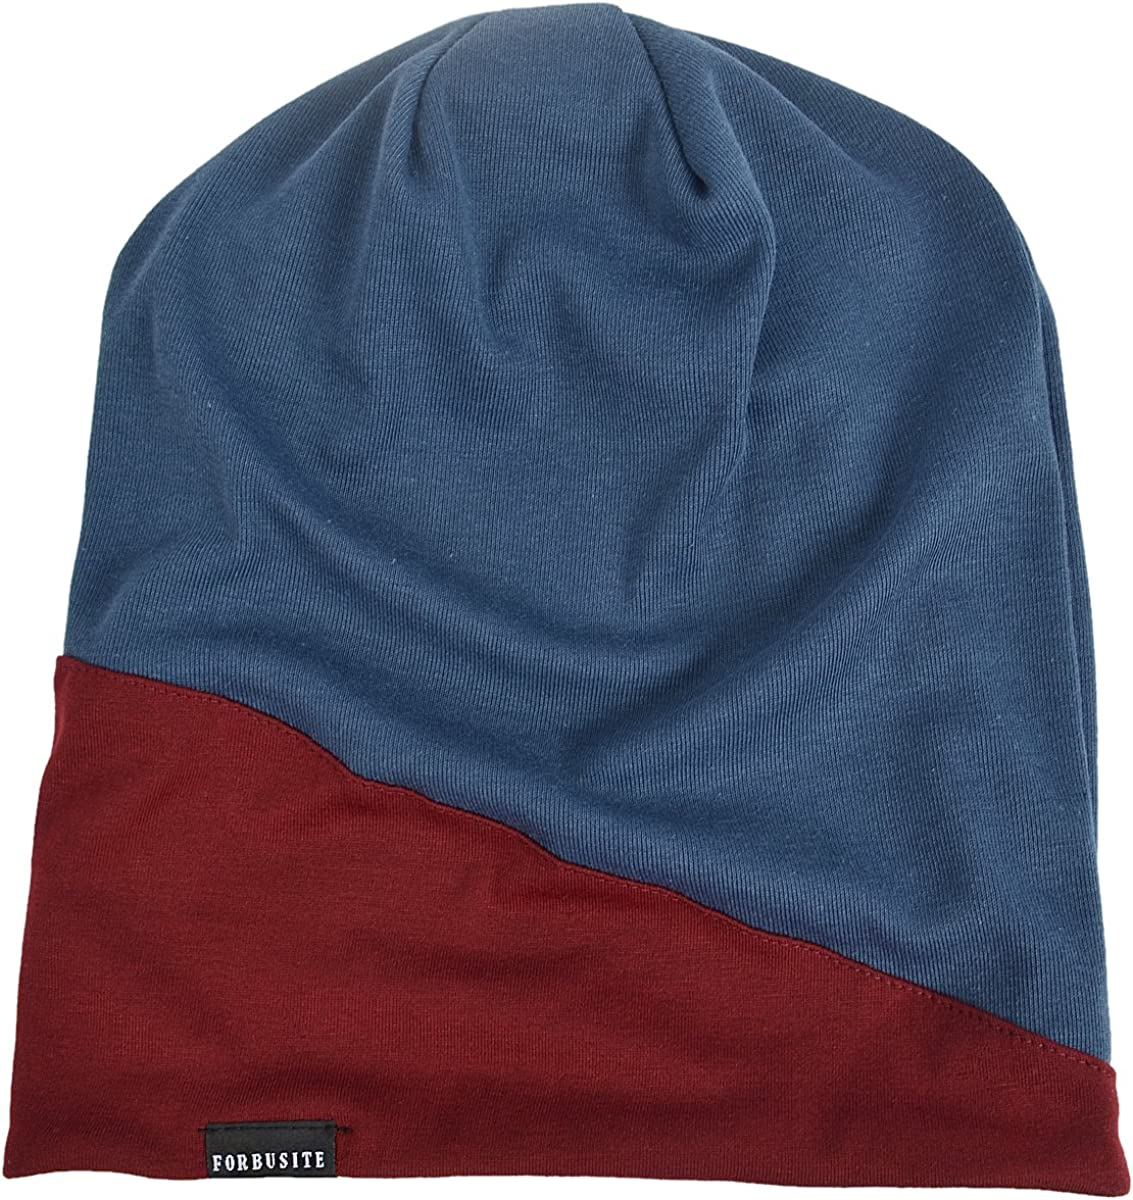 FORBUSITE Slouch Beanie Hat for Men Women Summer Winter B010